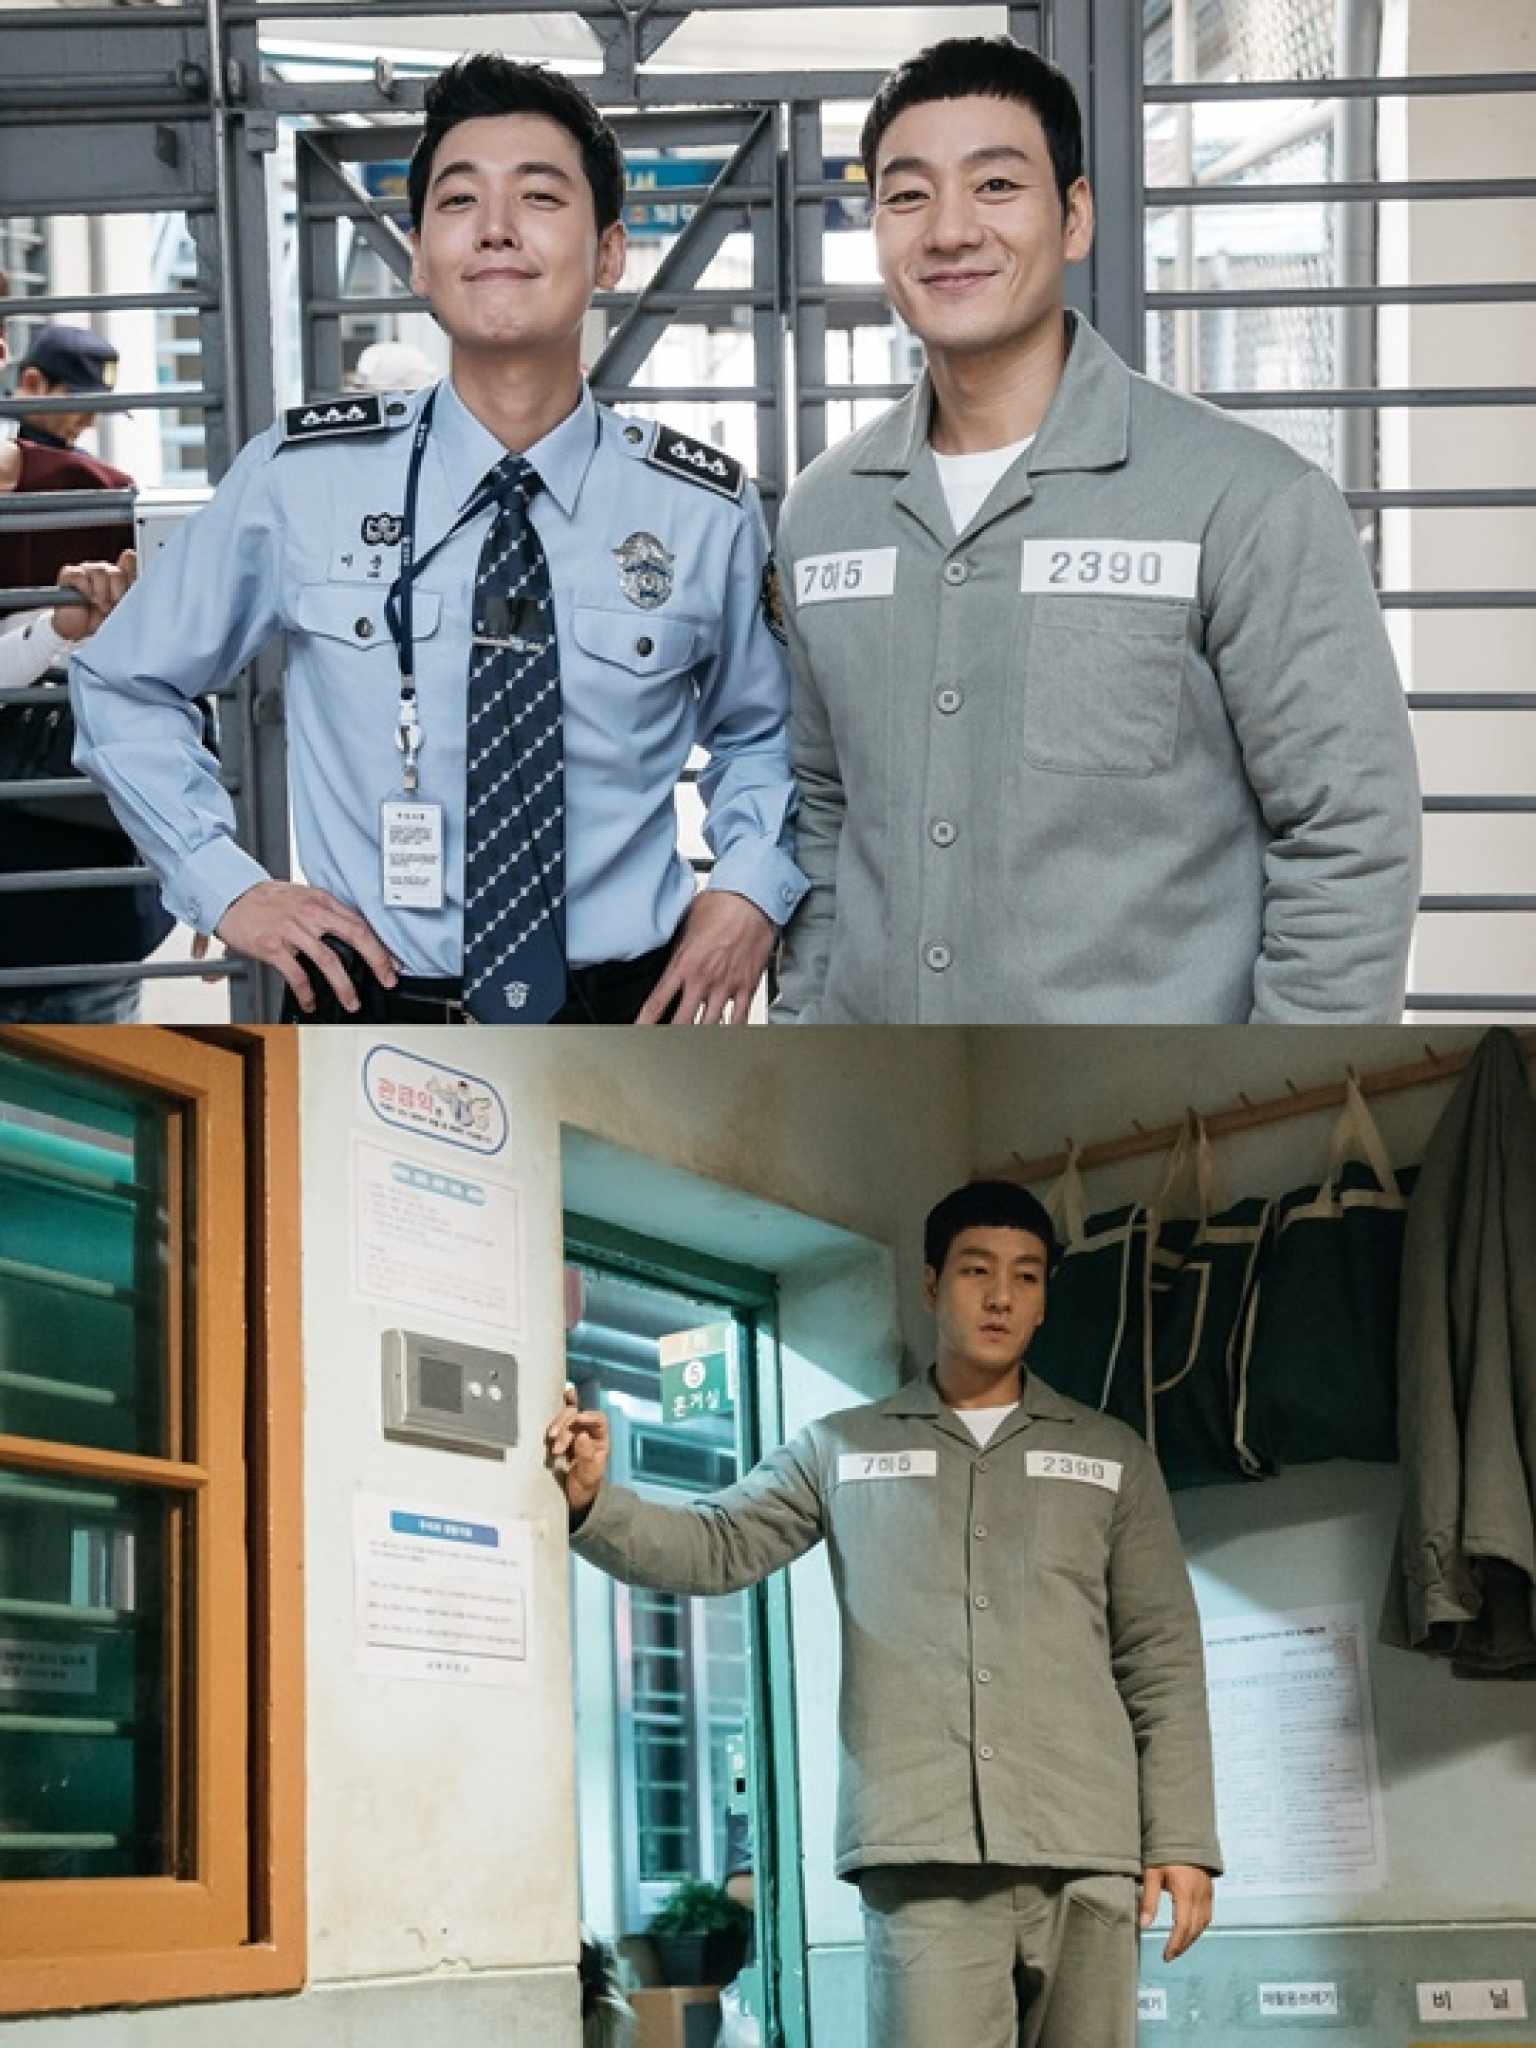 '슬기로운 감빵생활' 박해수·정경호, 두 친구의 엇갈린 감옥상봉